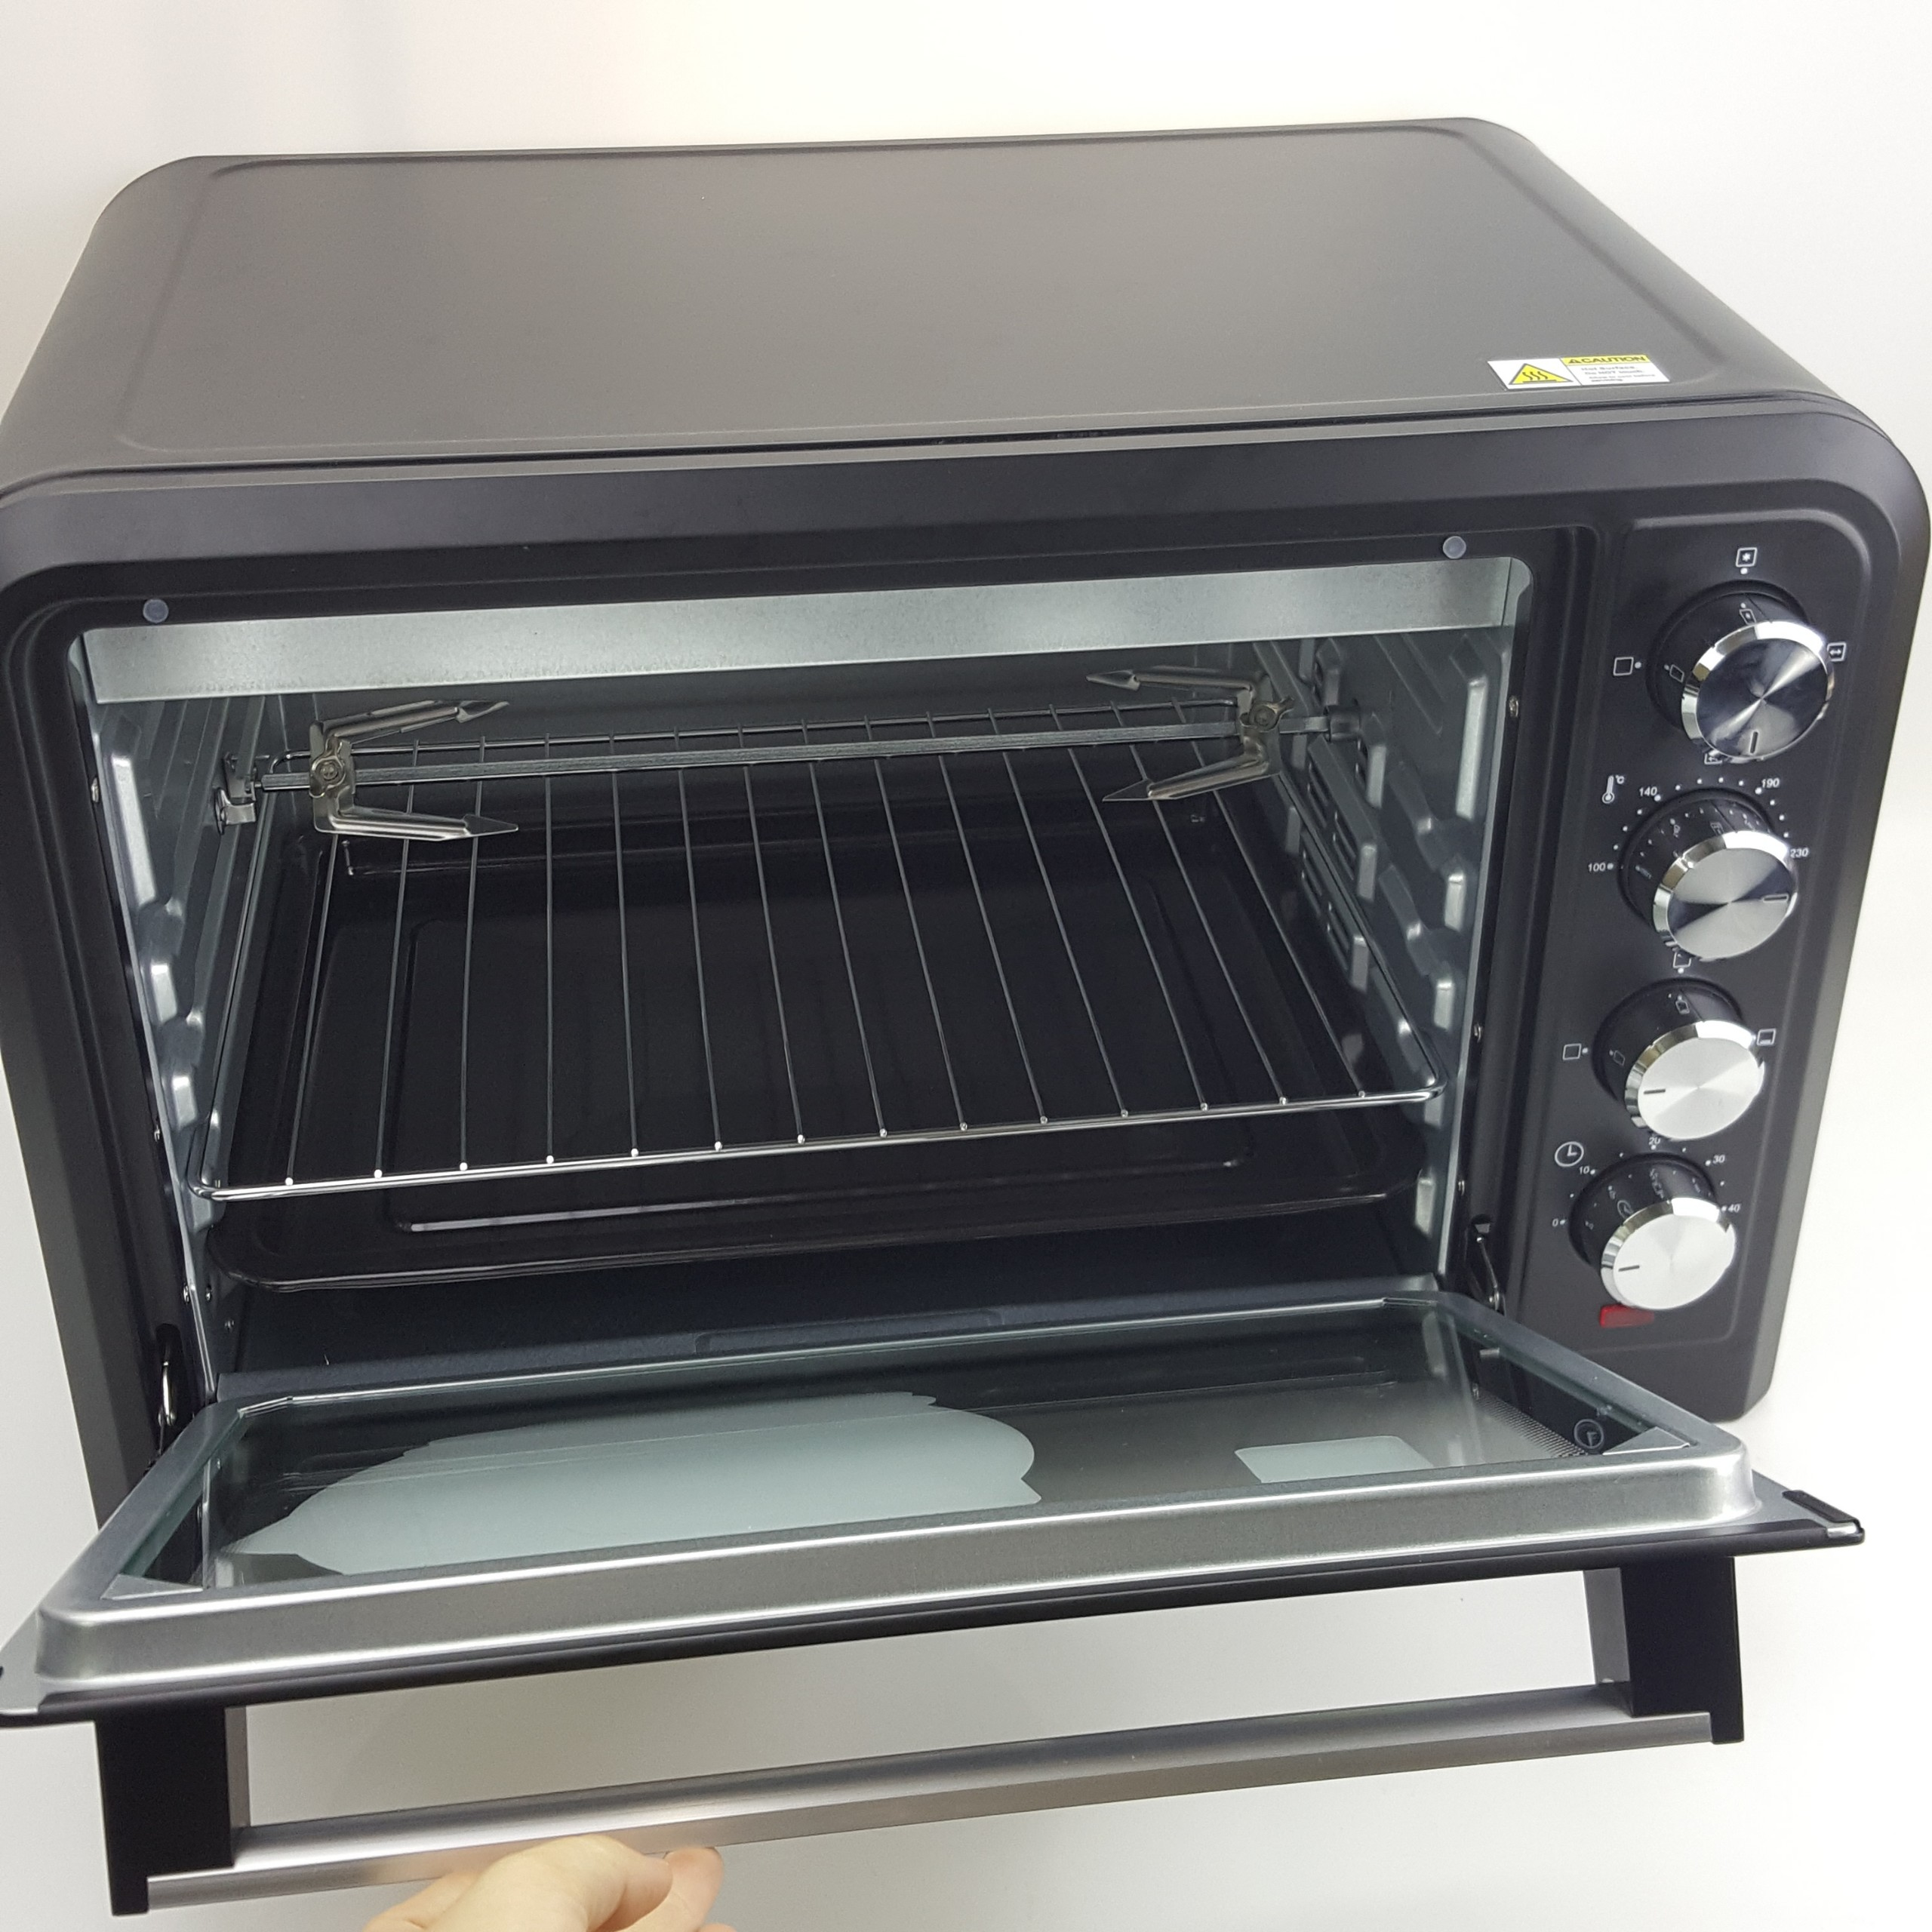 Lò nướng cao cấp Electric Oven Matika MTK-9248 - Hàng chính hãng